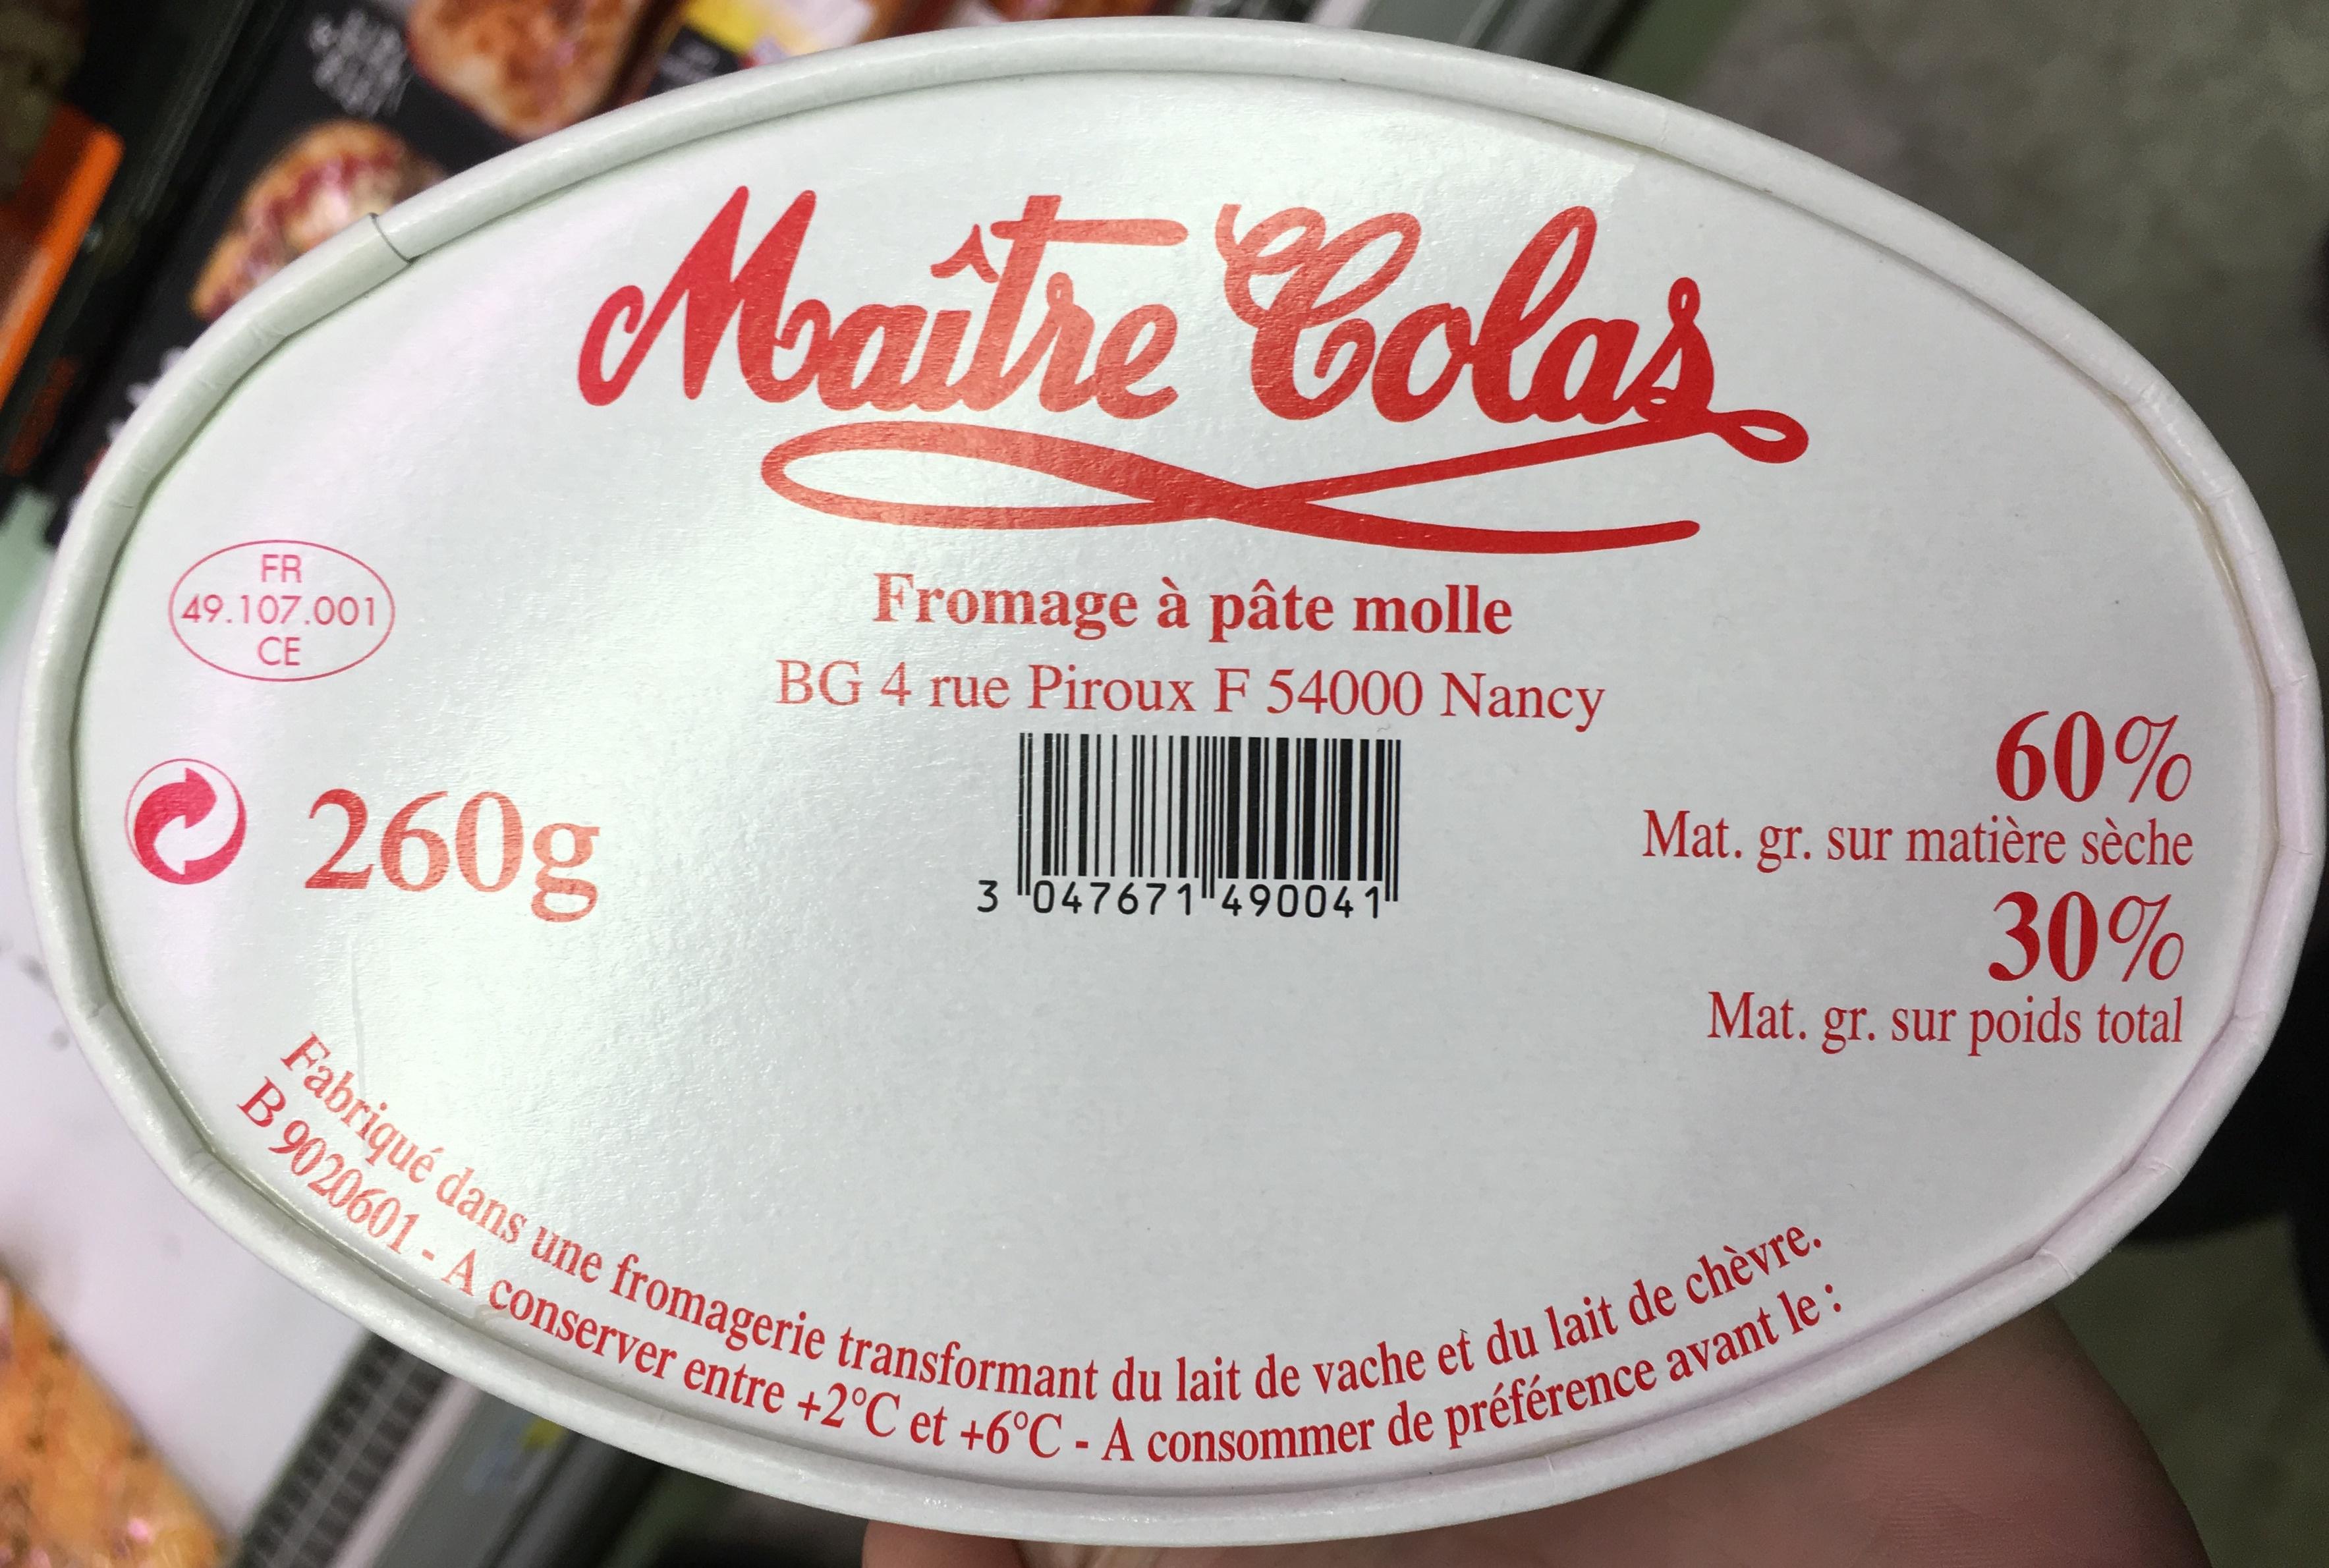 Fromage p te molle 30 mg ma tre colas 260 g - Quantite de fromage par personne ...